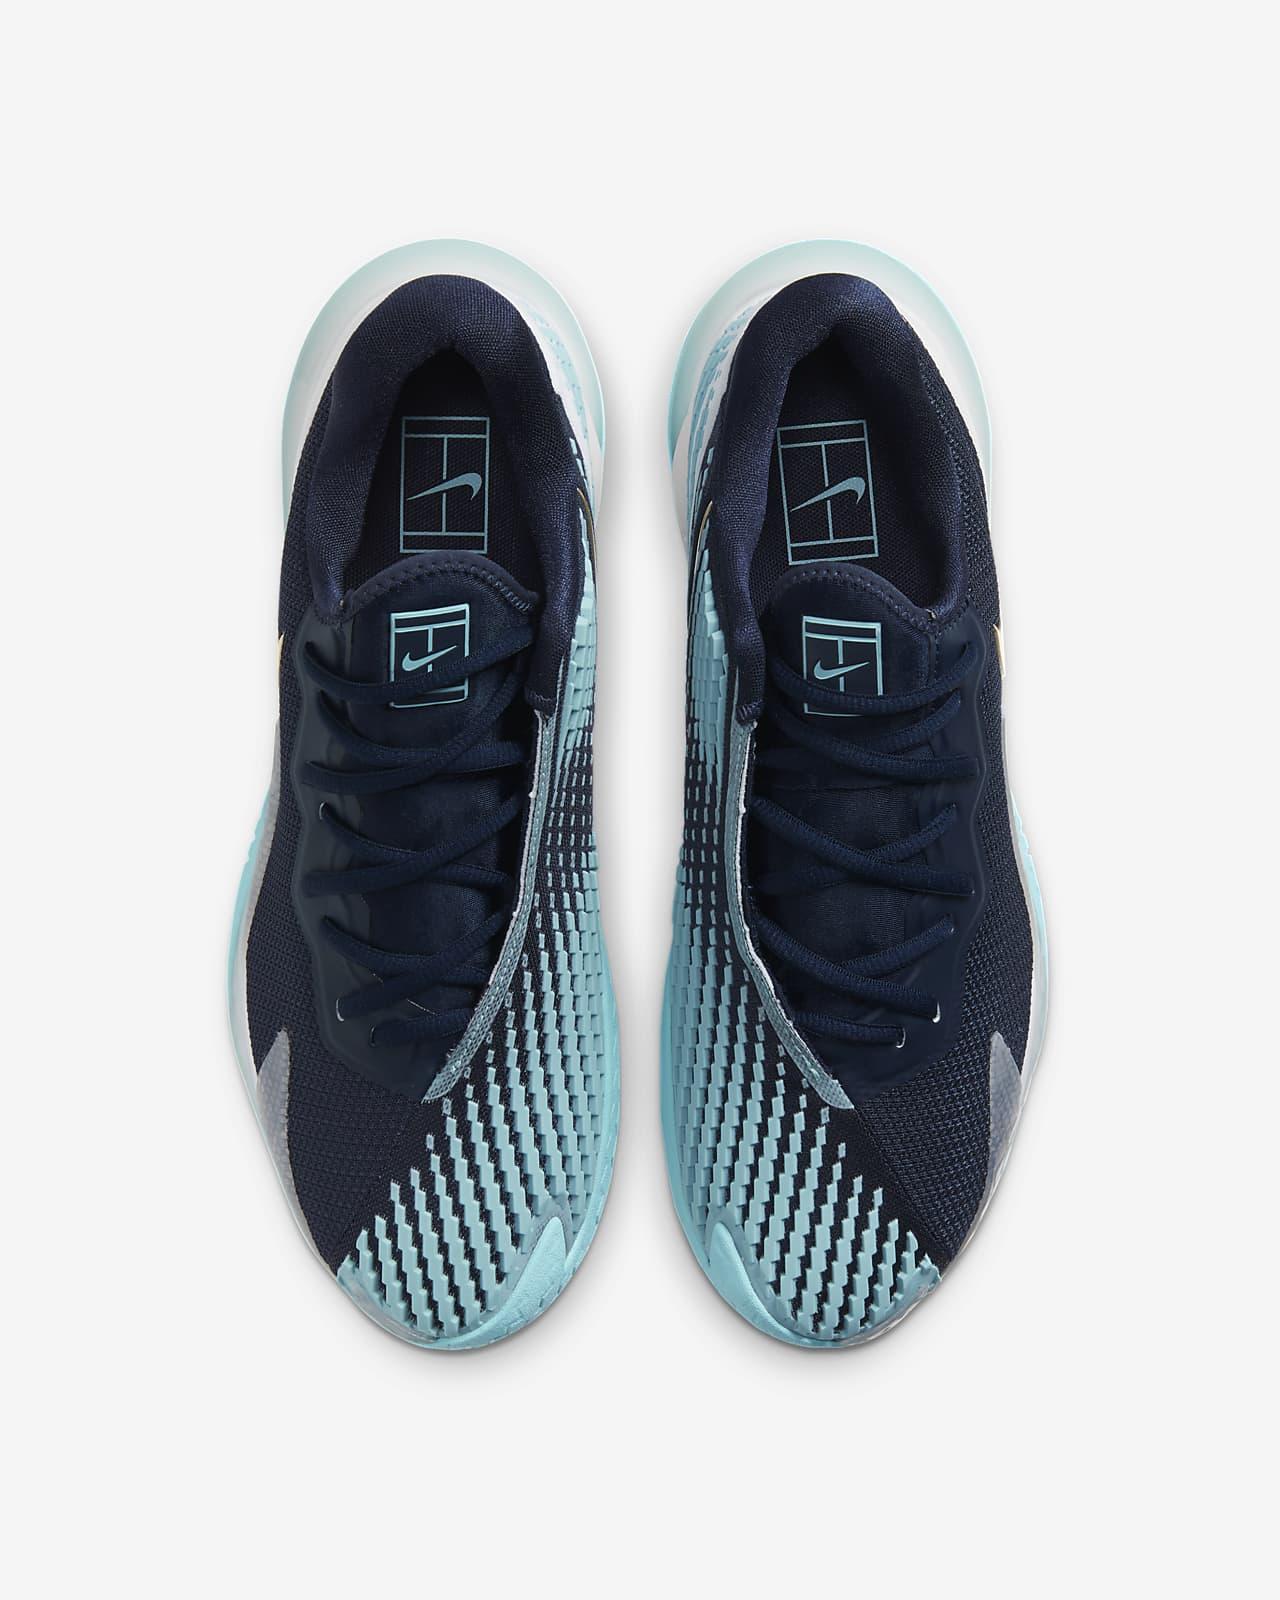 NikeCourt Air Zoom Vapor Cage 4 Men's Hard Court Tennis Shoes